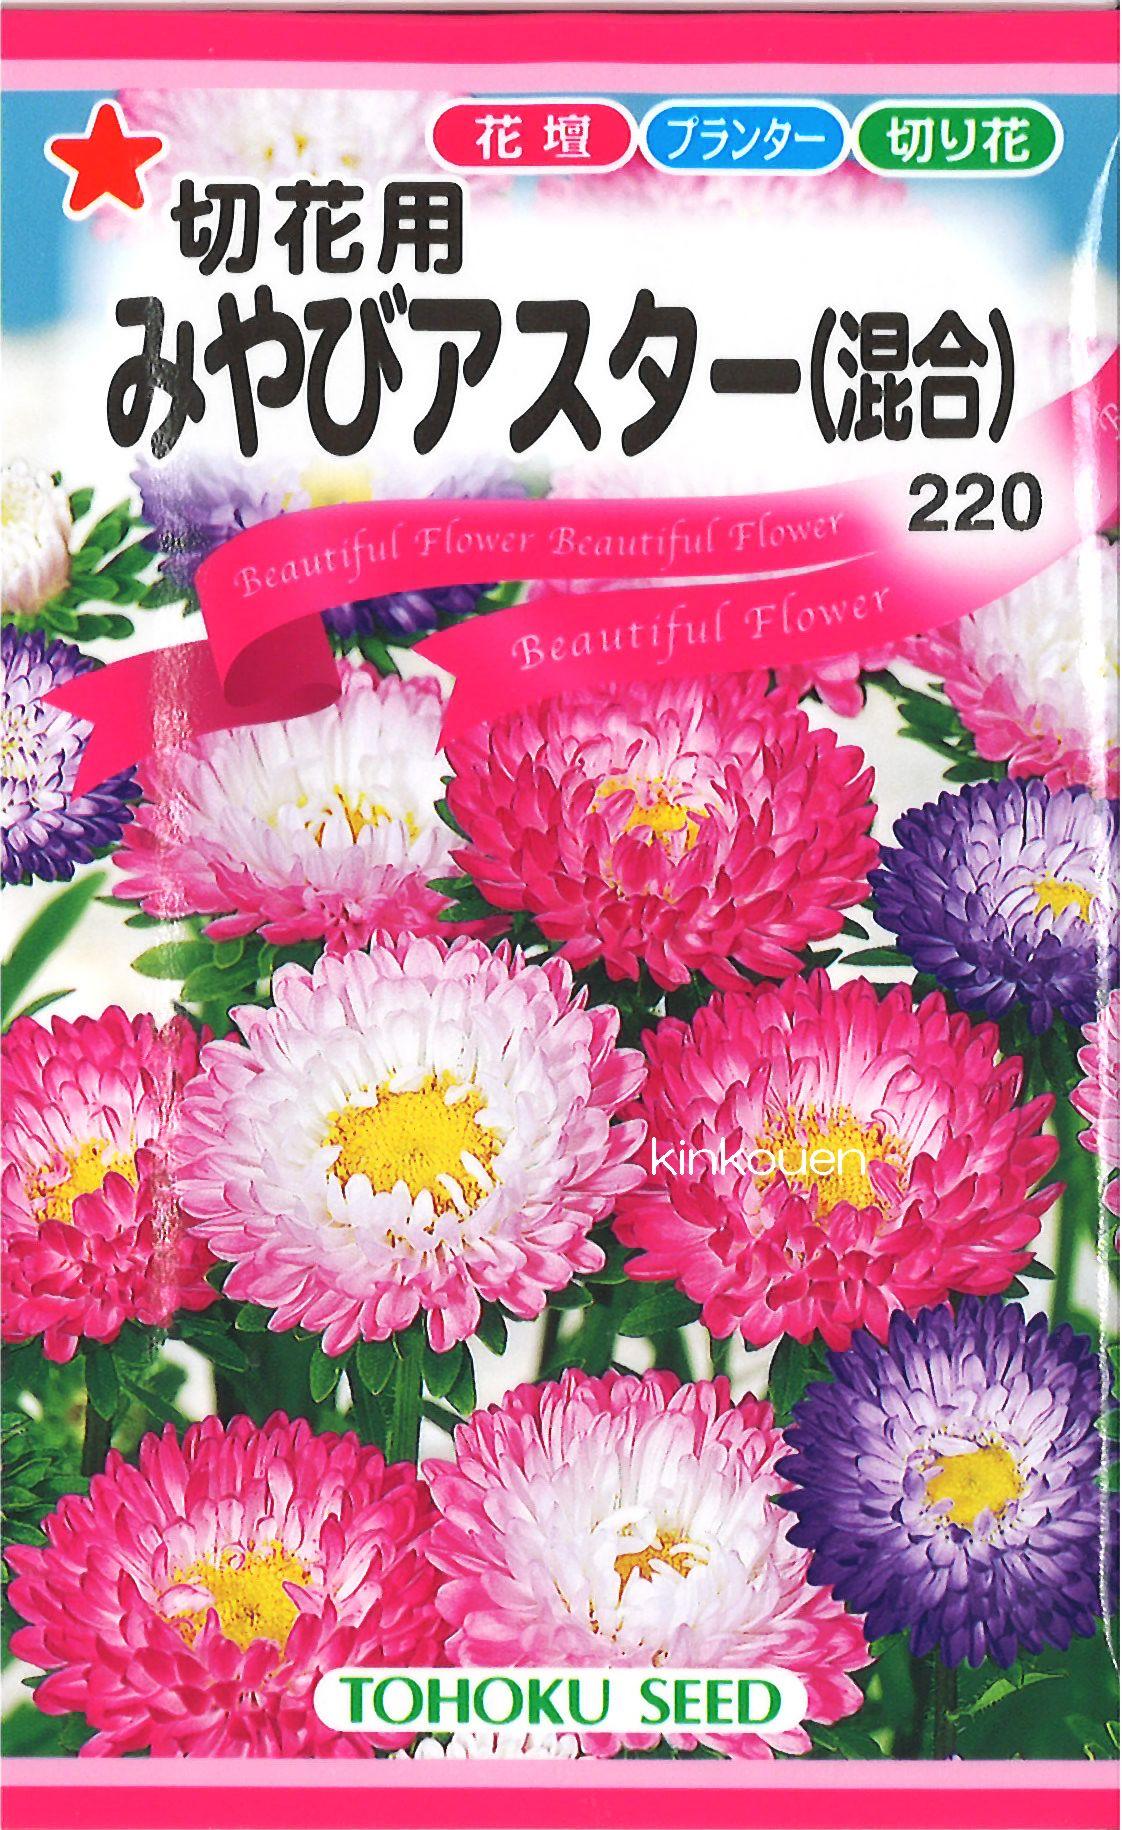 《代引不可》《5袋まで送料80円》 □切花用みやびアスター